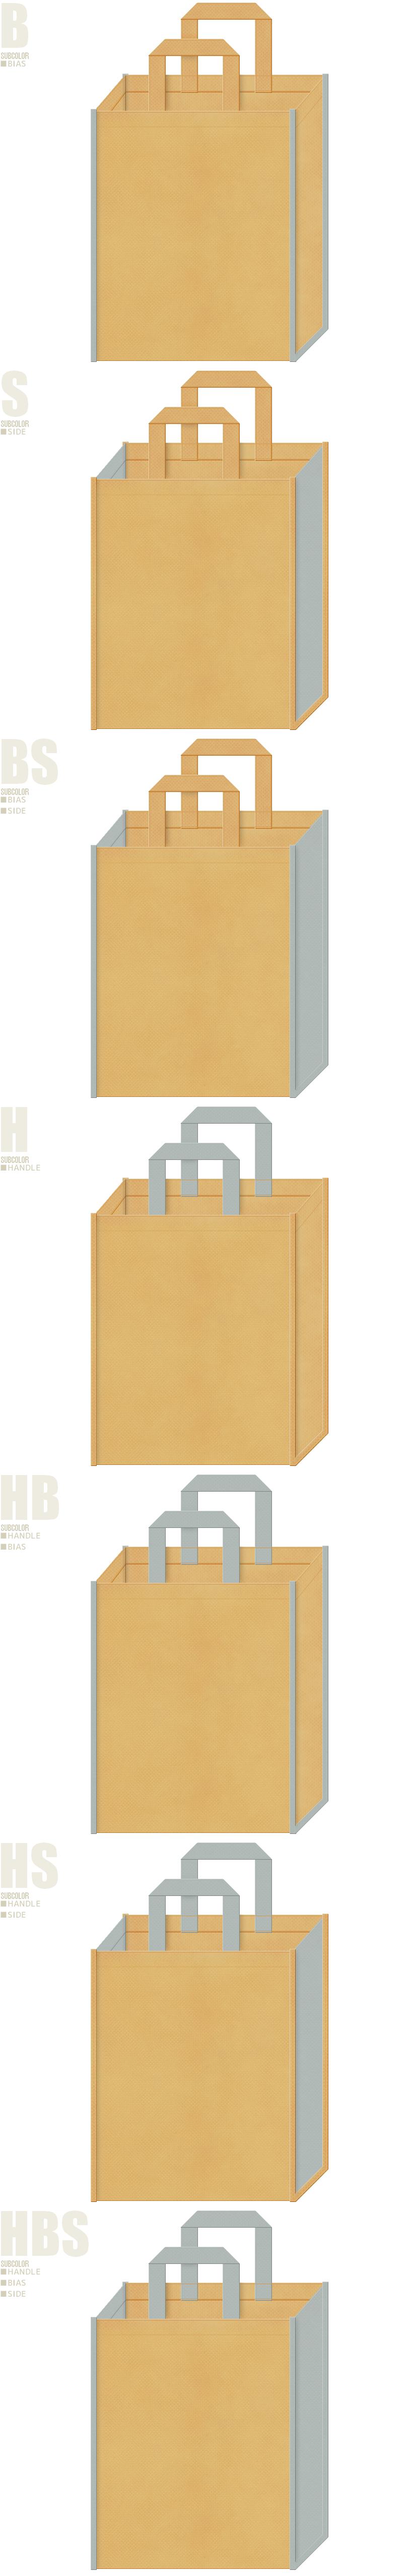 アウター・セーター・Tシャツ・ニット・秋冬ファッションのショッピングバッグにお奨めの不織布バッグのデザイン:薄黄土色とグレー色の配色7パターン